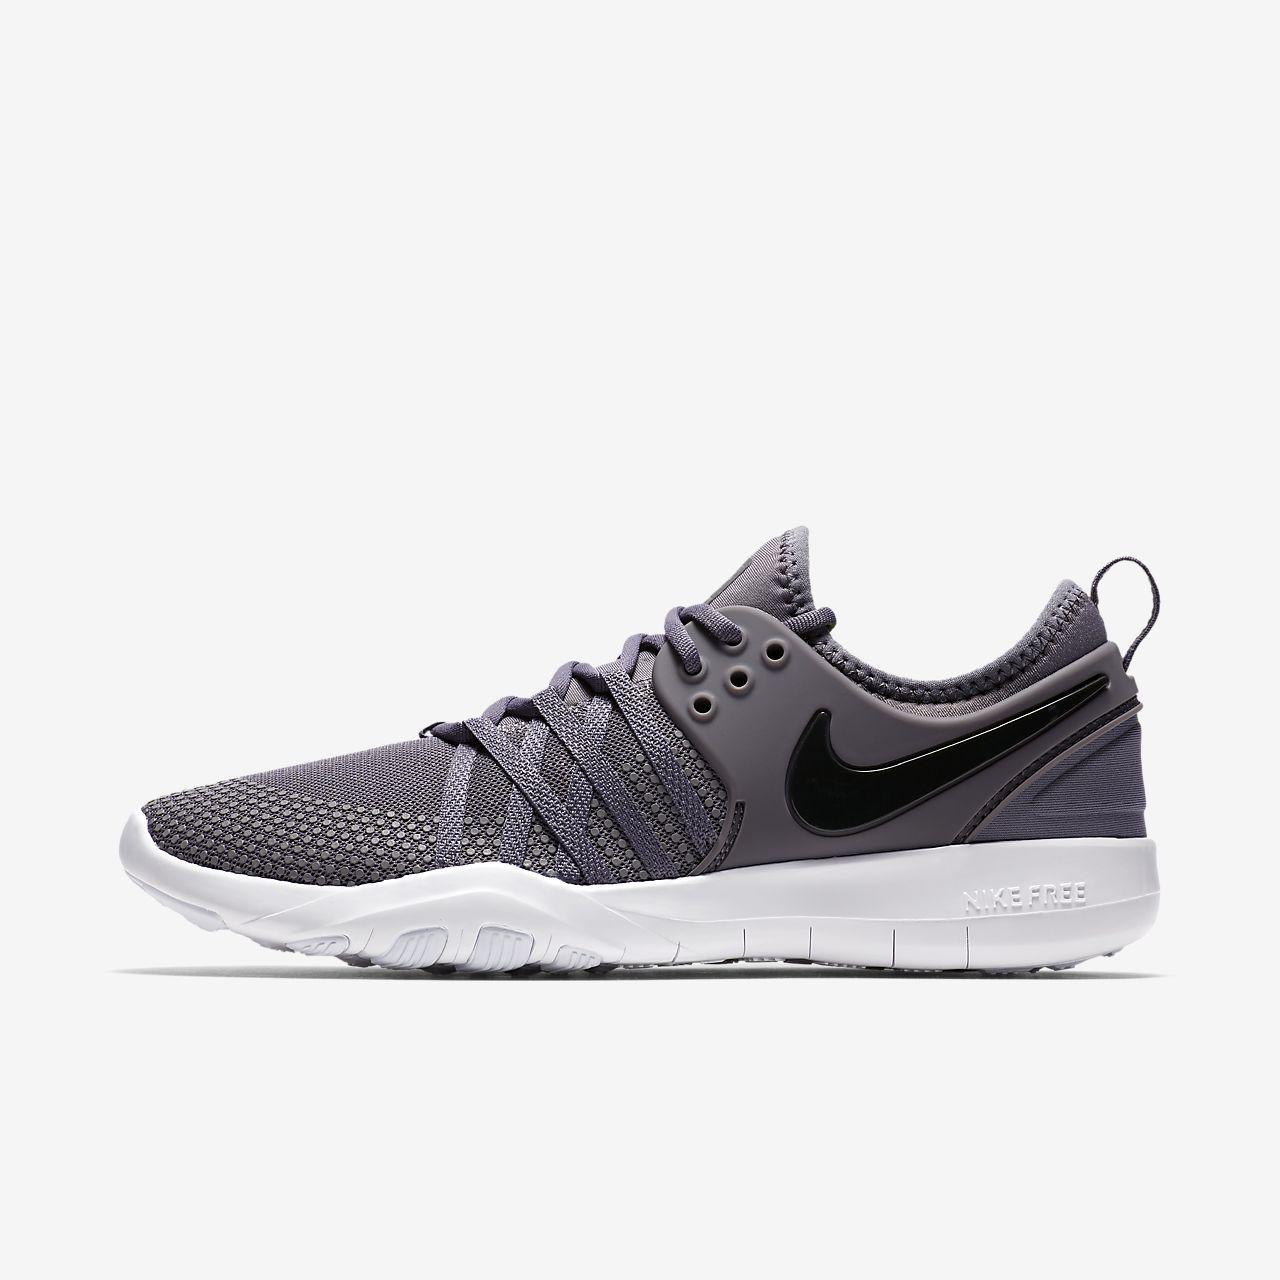 Chaussures Nike Trainer Sans Tr Monter 3 Pour La Balle.